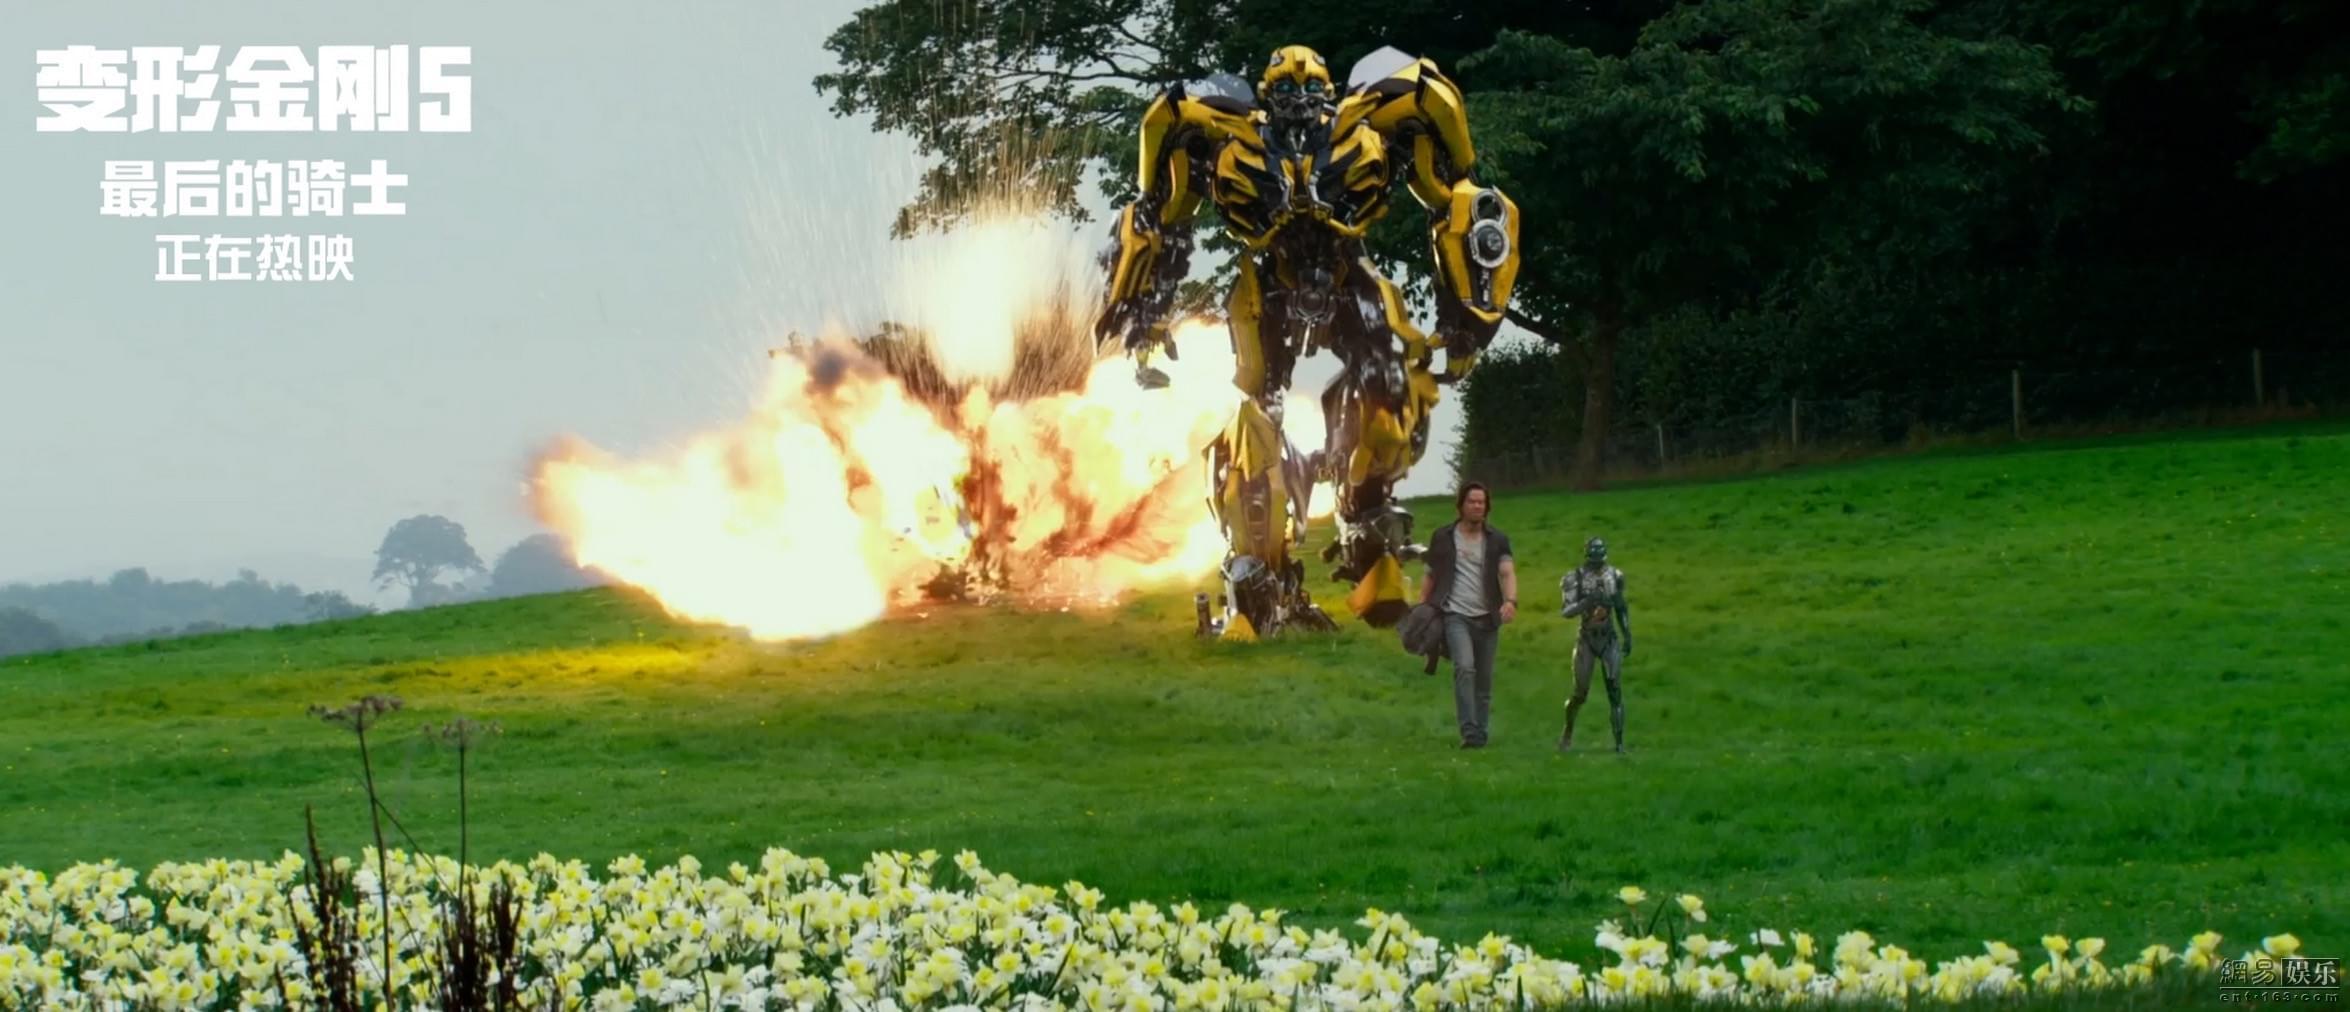 《变形金刚5:最后的骑士》全球票房夺冠